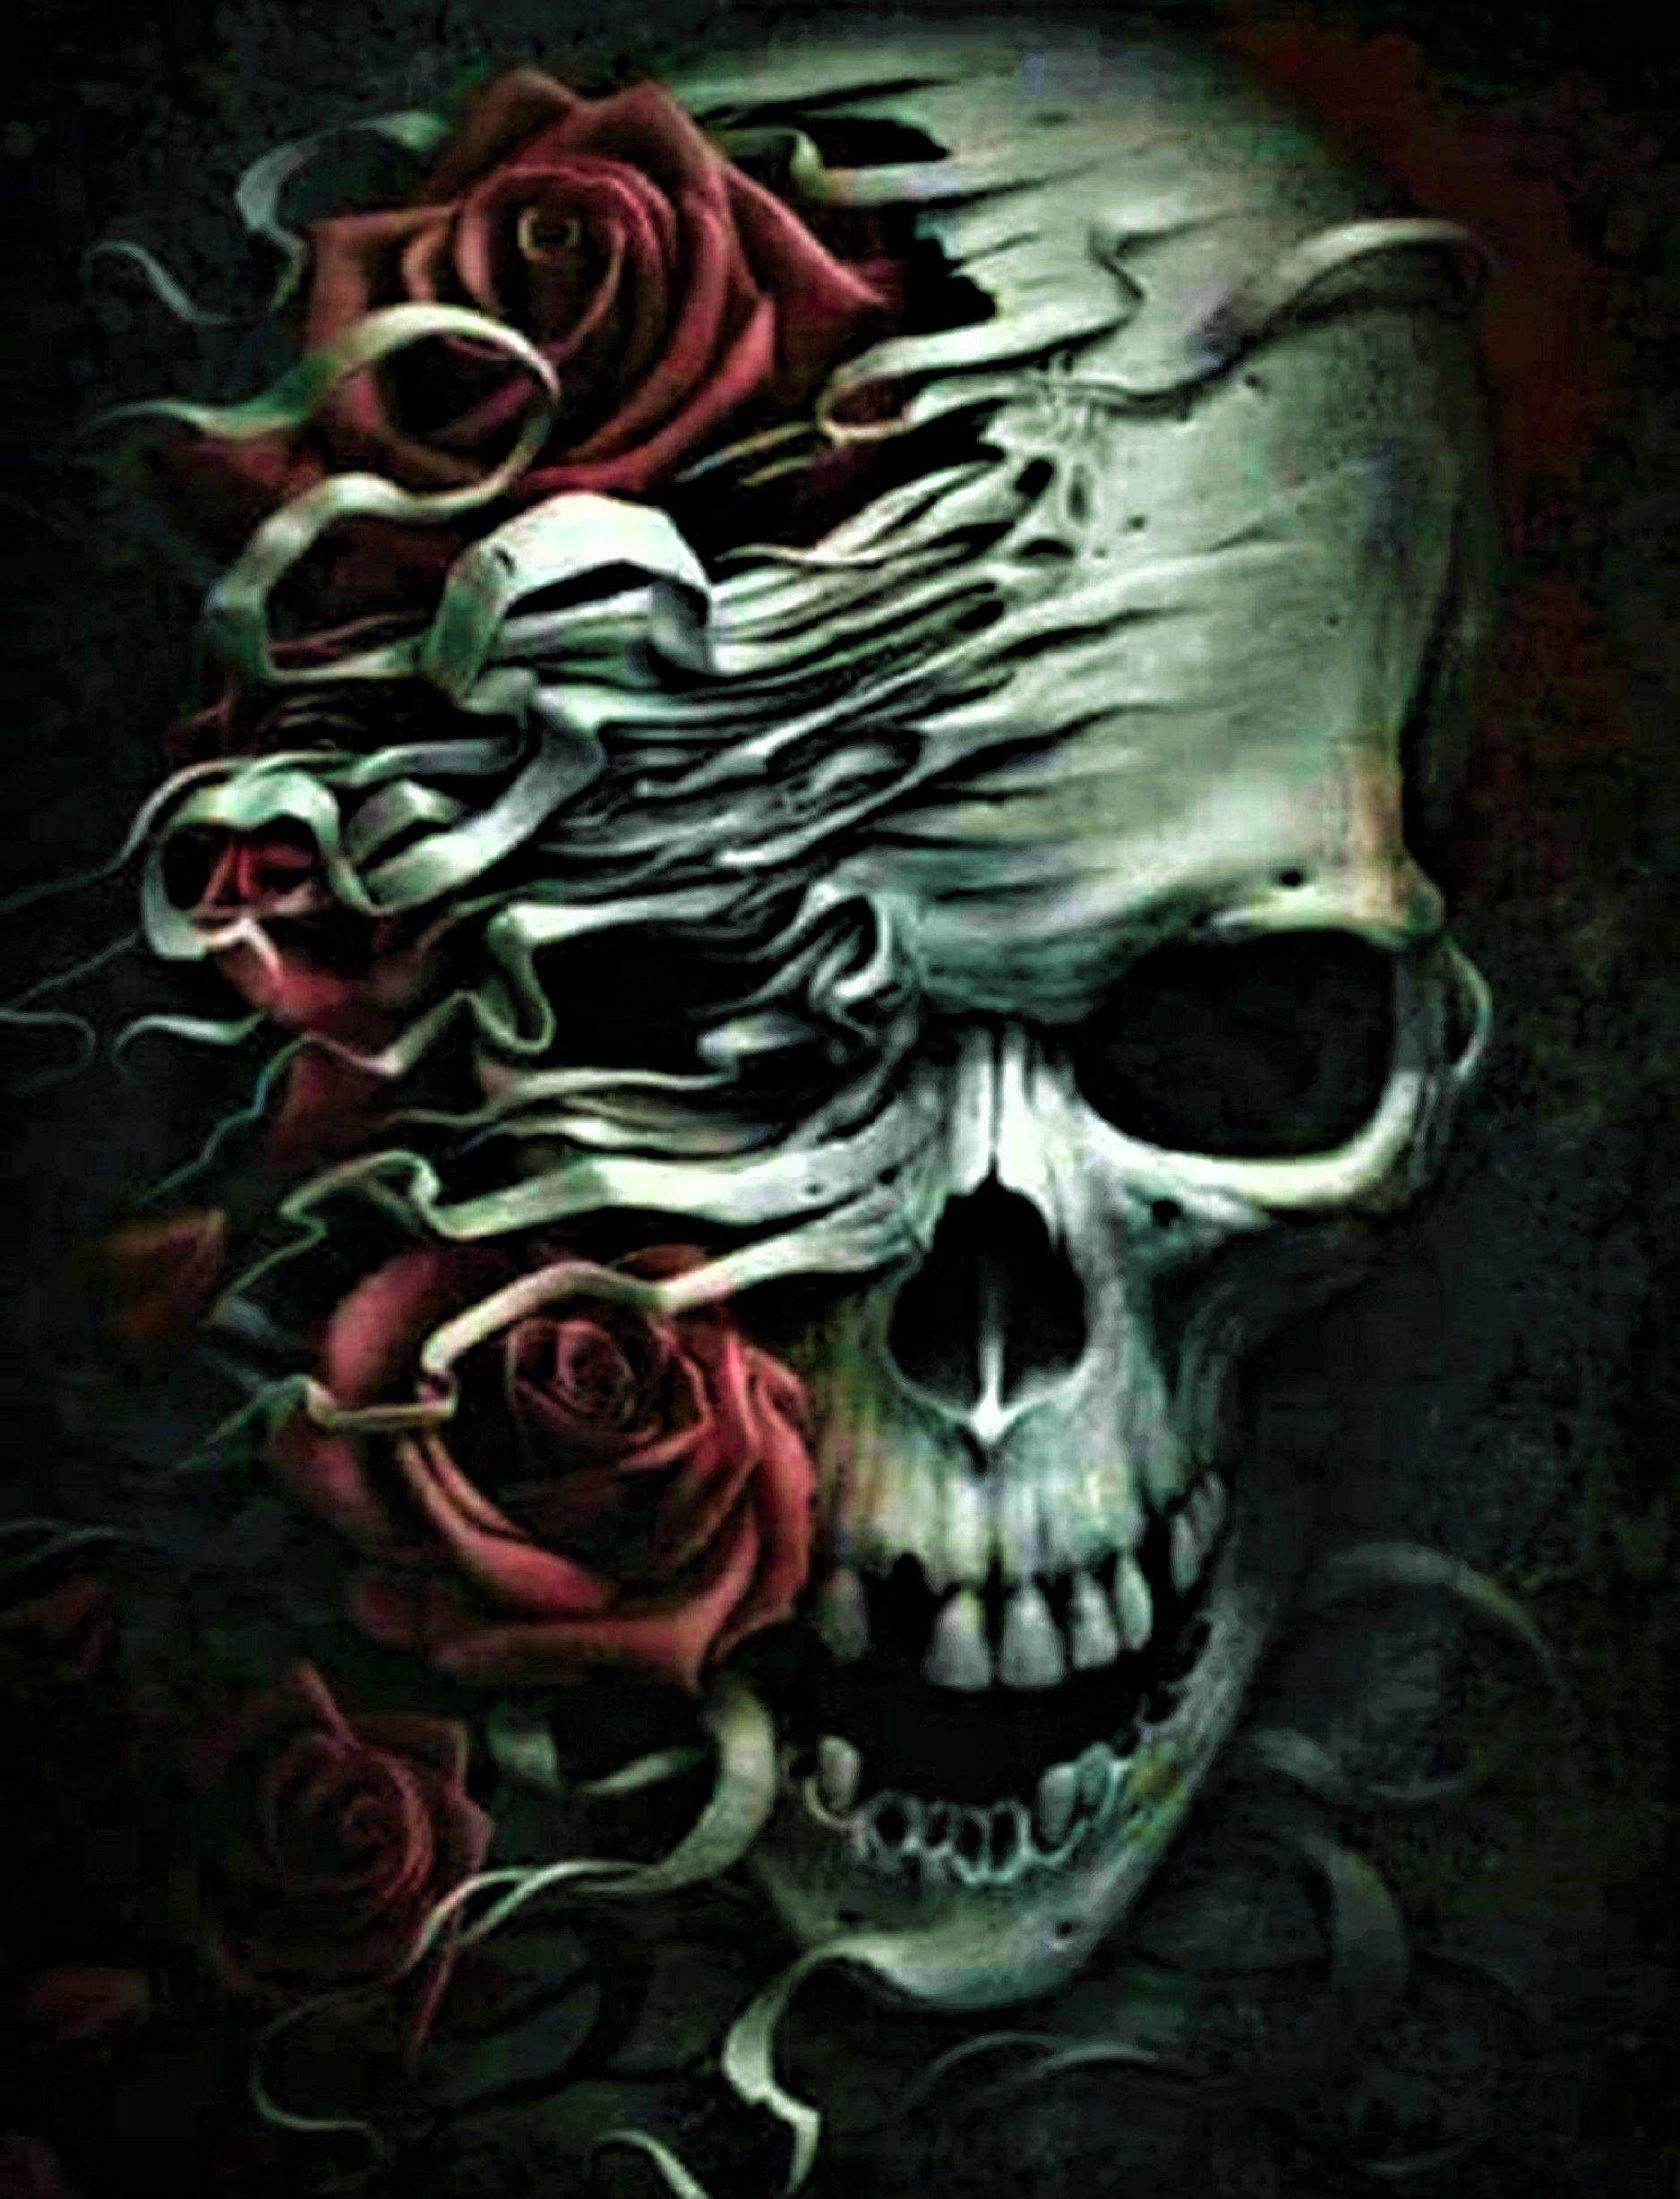 Skull Roses In 2019 Skull Sketch Skull Rose Tattoos